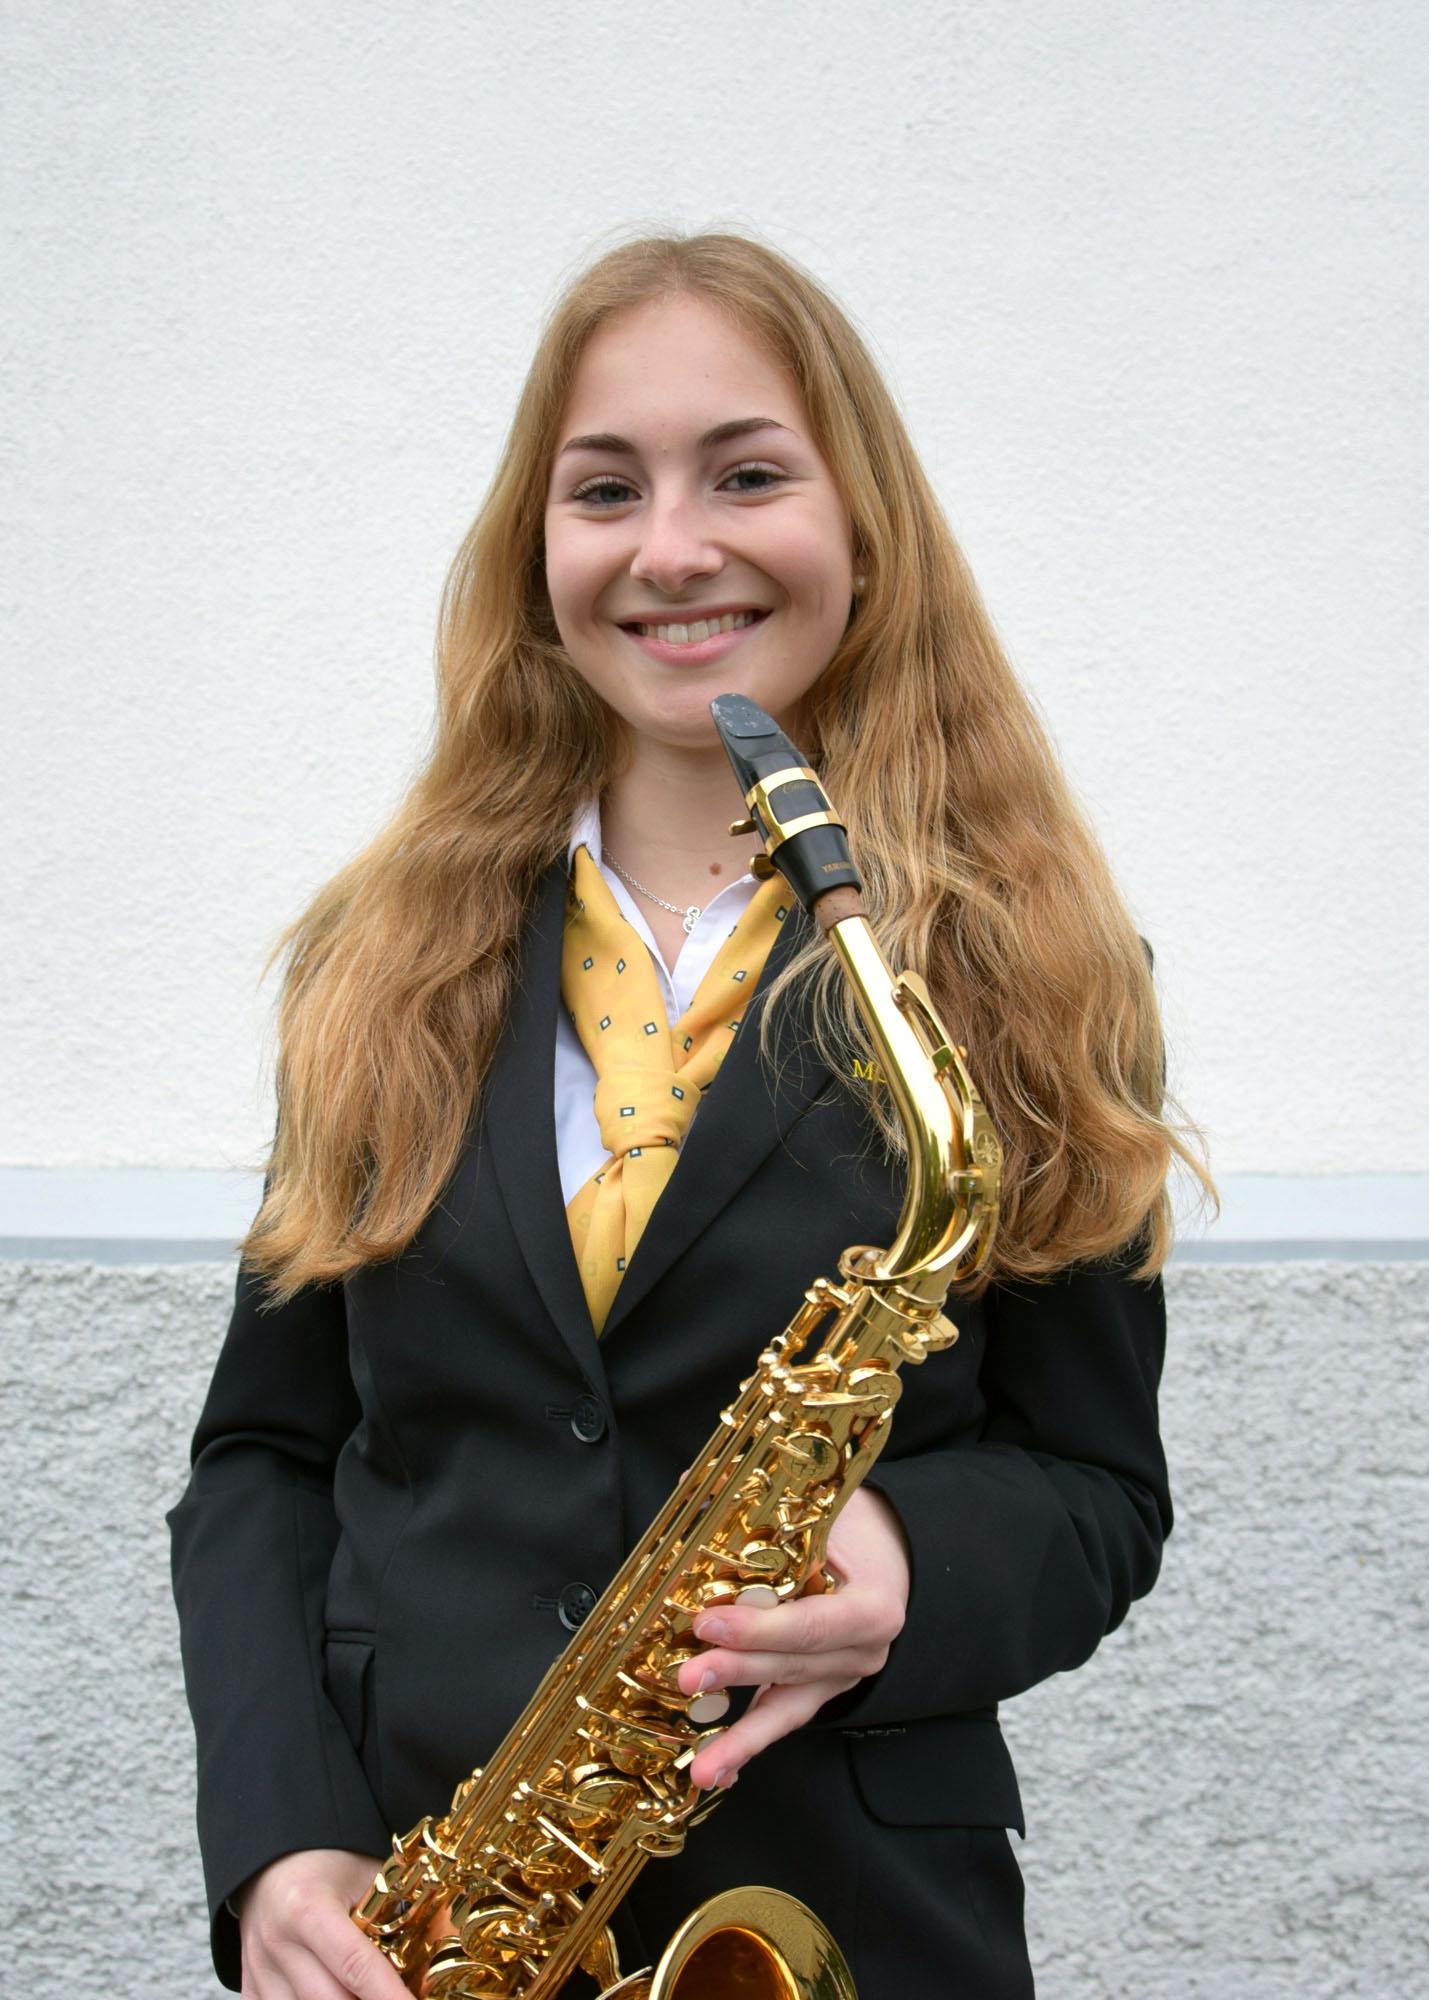 Lena Bischoff